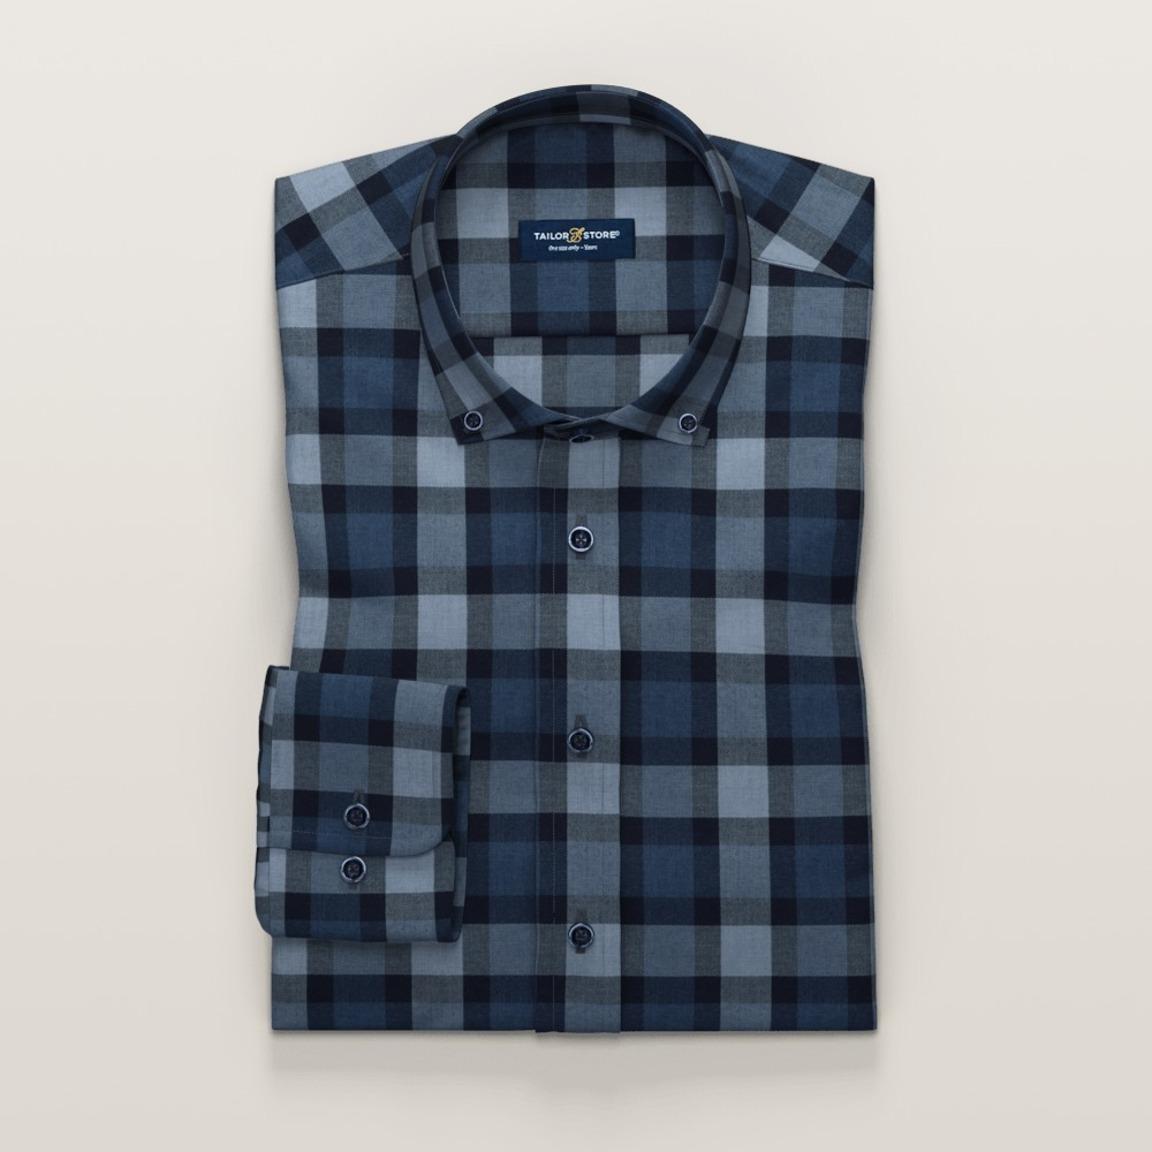 Blå-rutig flanellskjorta